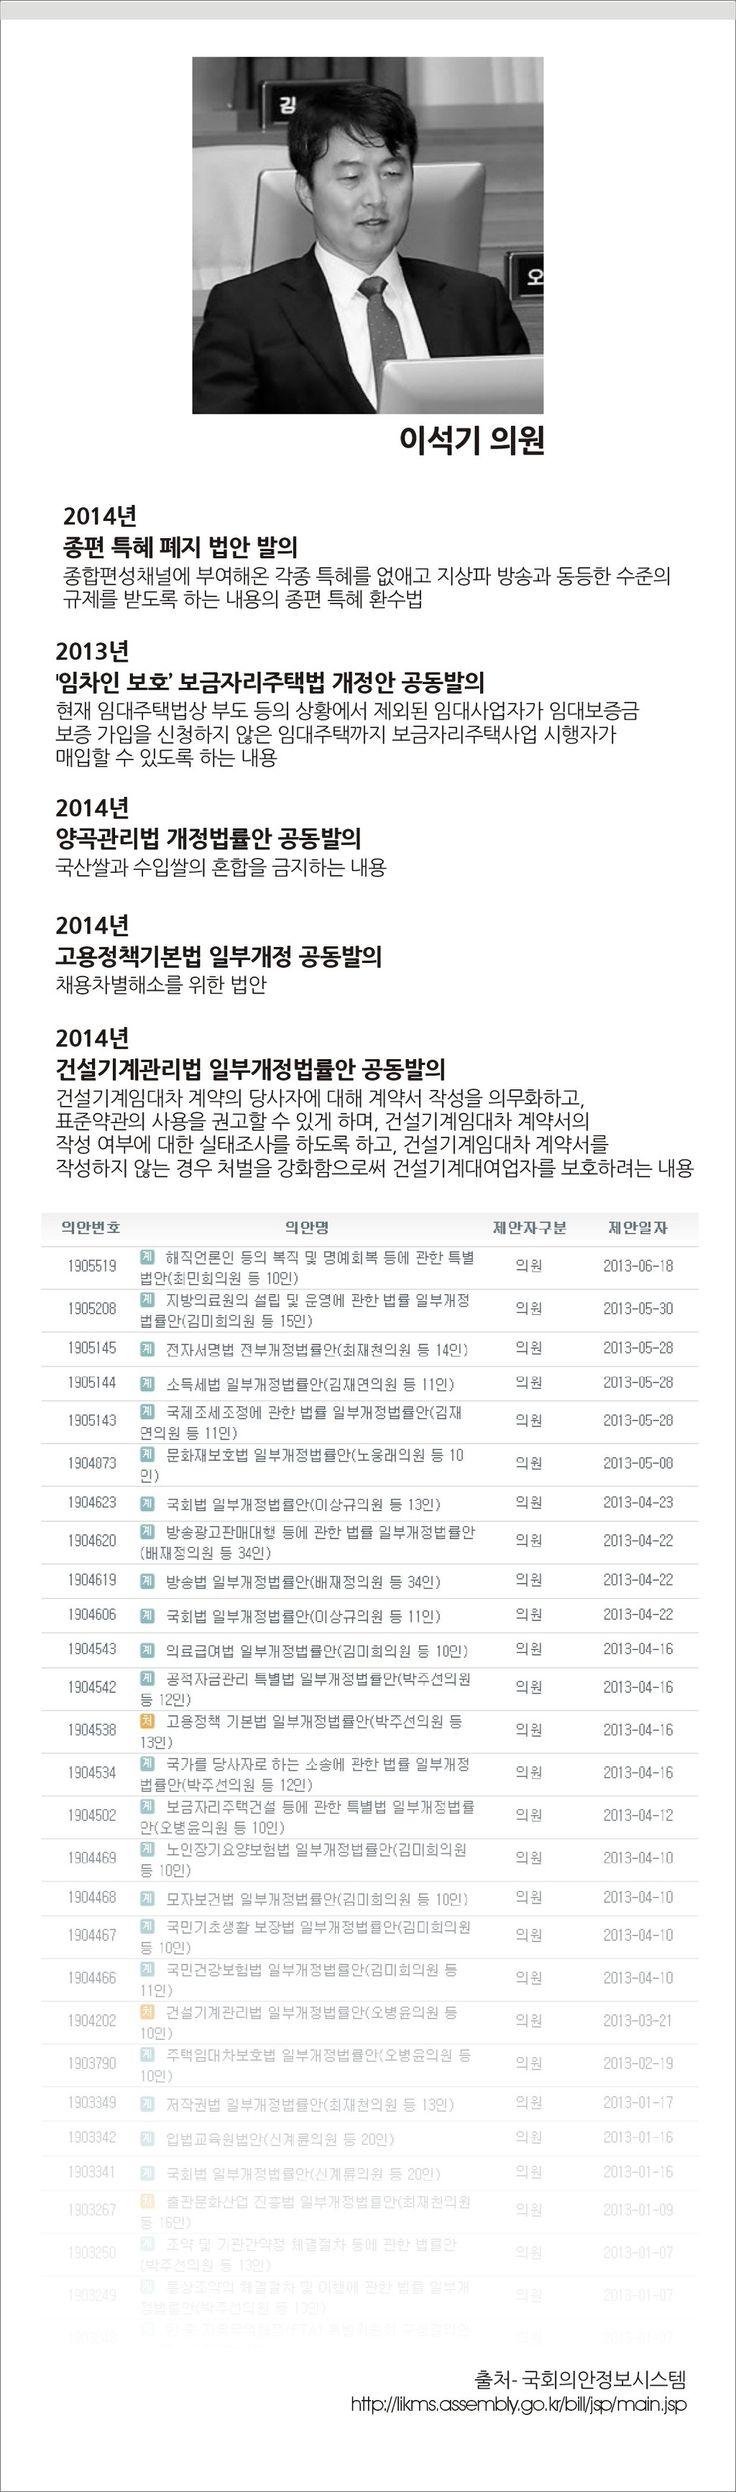 종북!!! 통합진보당 국회의원이 국회에서 발의한 법안 정리  – Daum 아고라